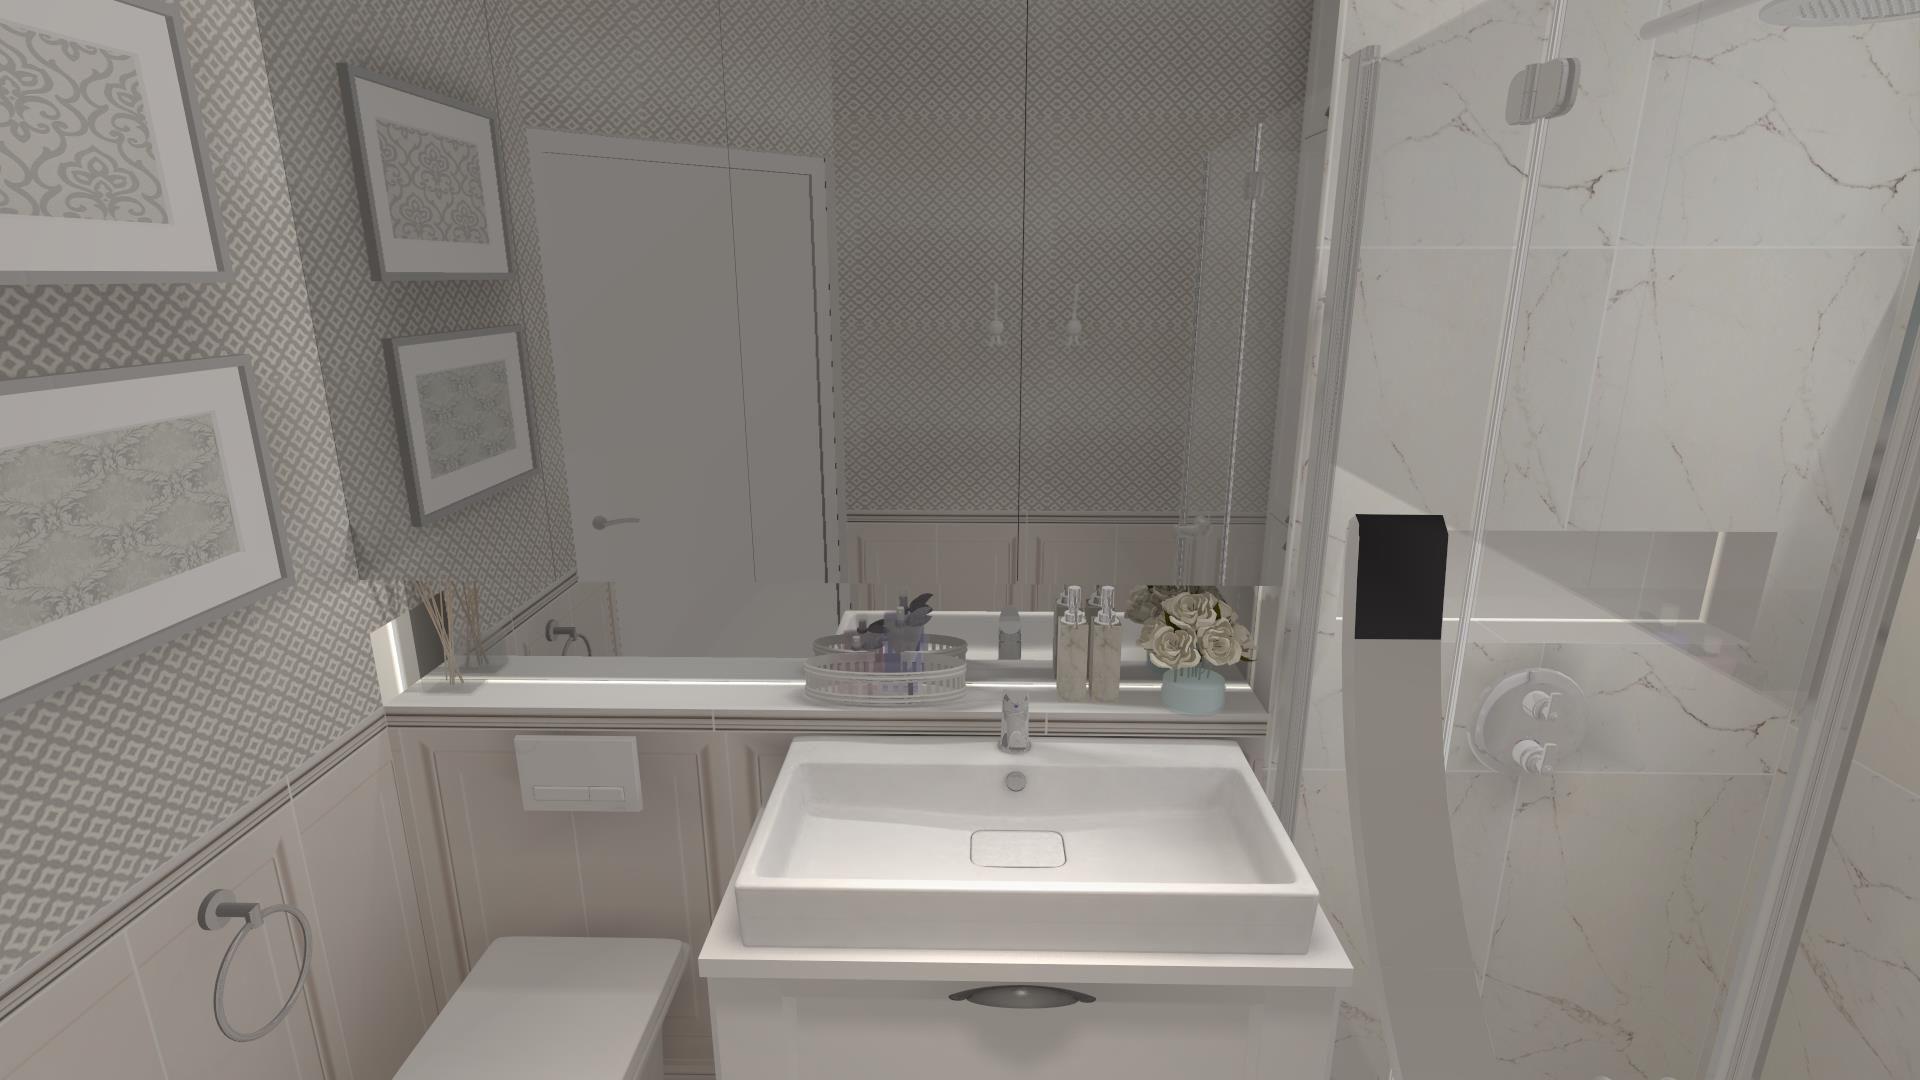 Inspiracje Aranżacje Wnętrz łazienka Salon Kuchnia Płytki